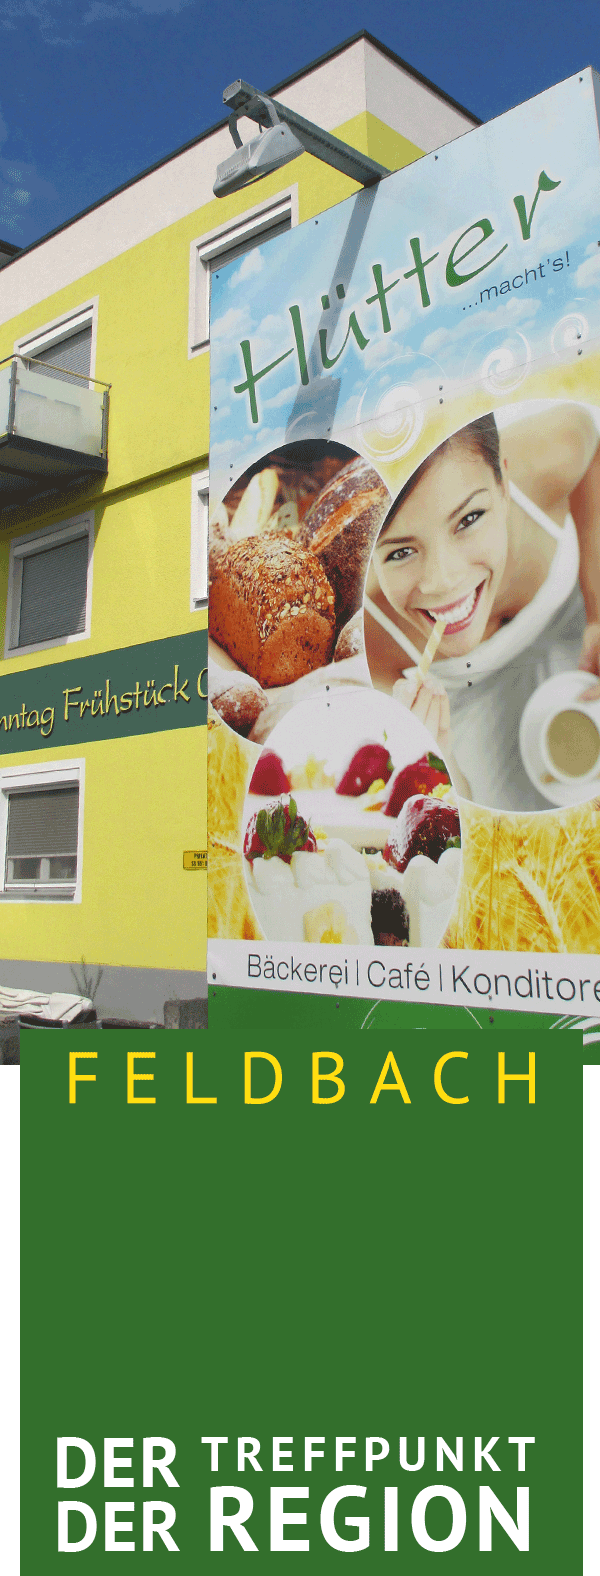 Bäckerei Hütter, Feldbach